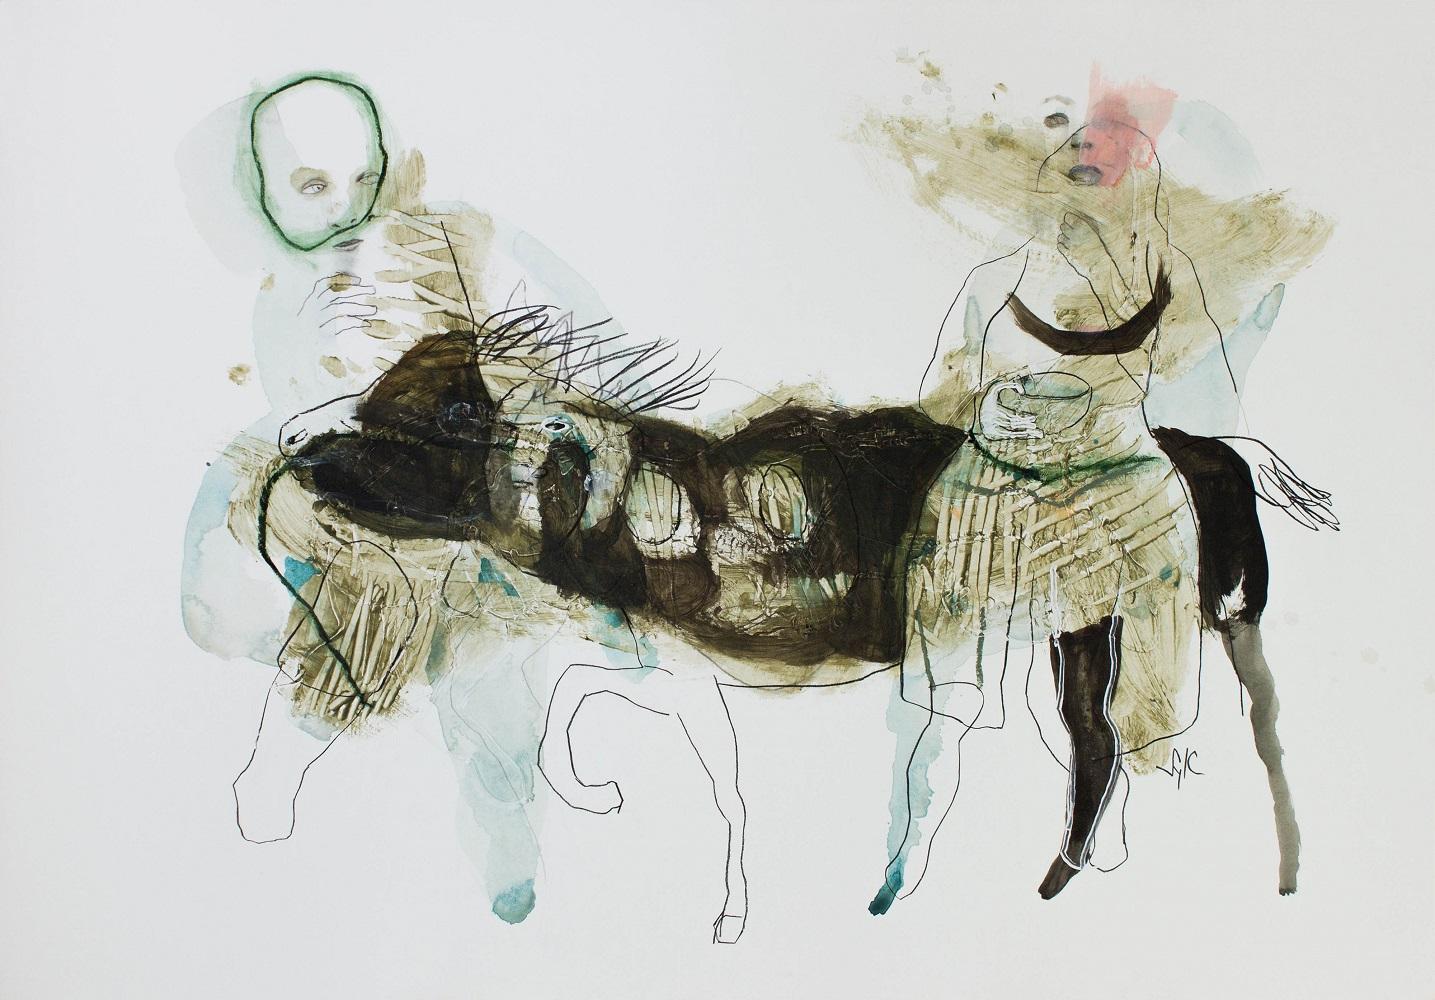 LÉGENDE, Dessin, 2019 - Mine graphite, fusain, acrylique & pastel gras sur papier, 70x100cm